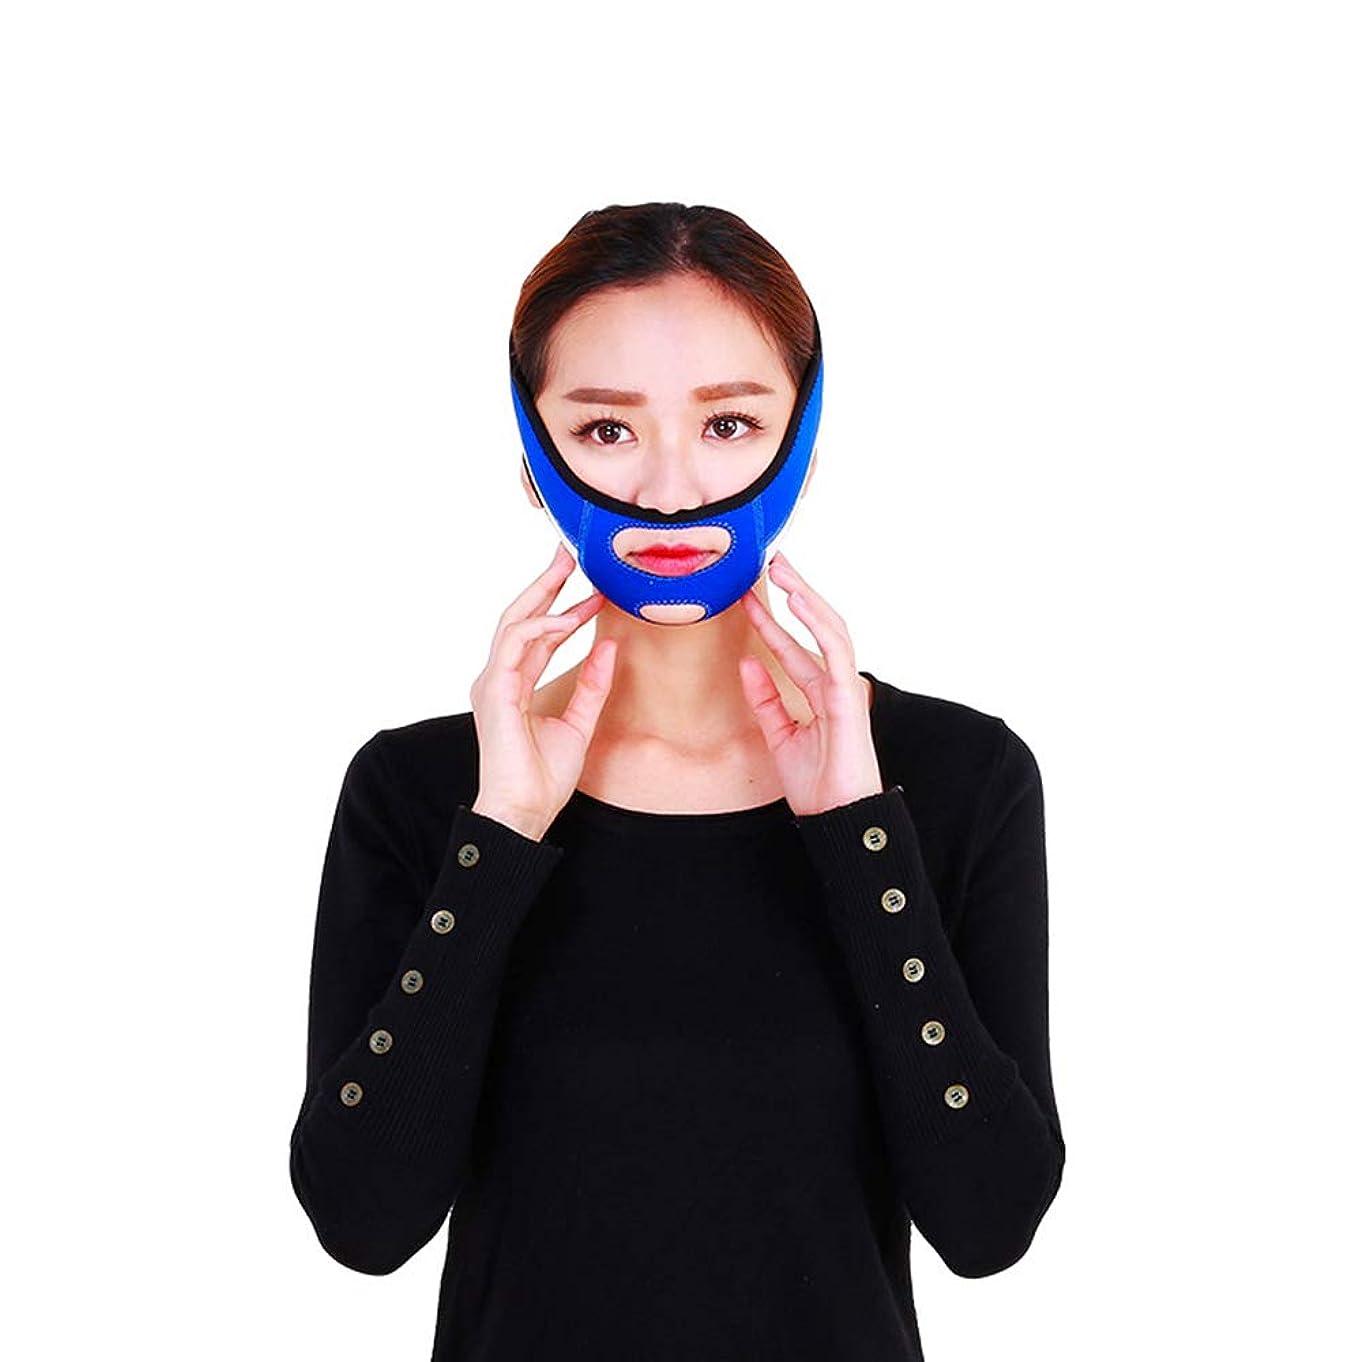 パッケージ記念日不正直Rui Peng フェイスリフティングベルト フェイスリフティングベルト - フェイスリフティング包帯は、二重上顎顔面矯正ツール、フェイスシェイプマスクVフェイスアーチファクトを強力に強化します。